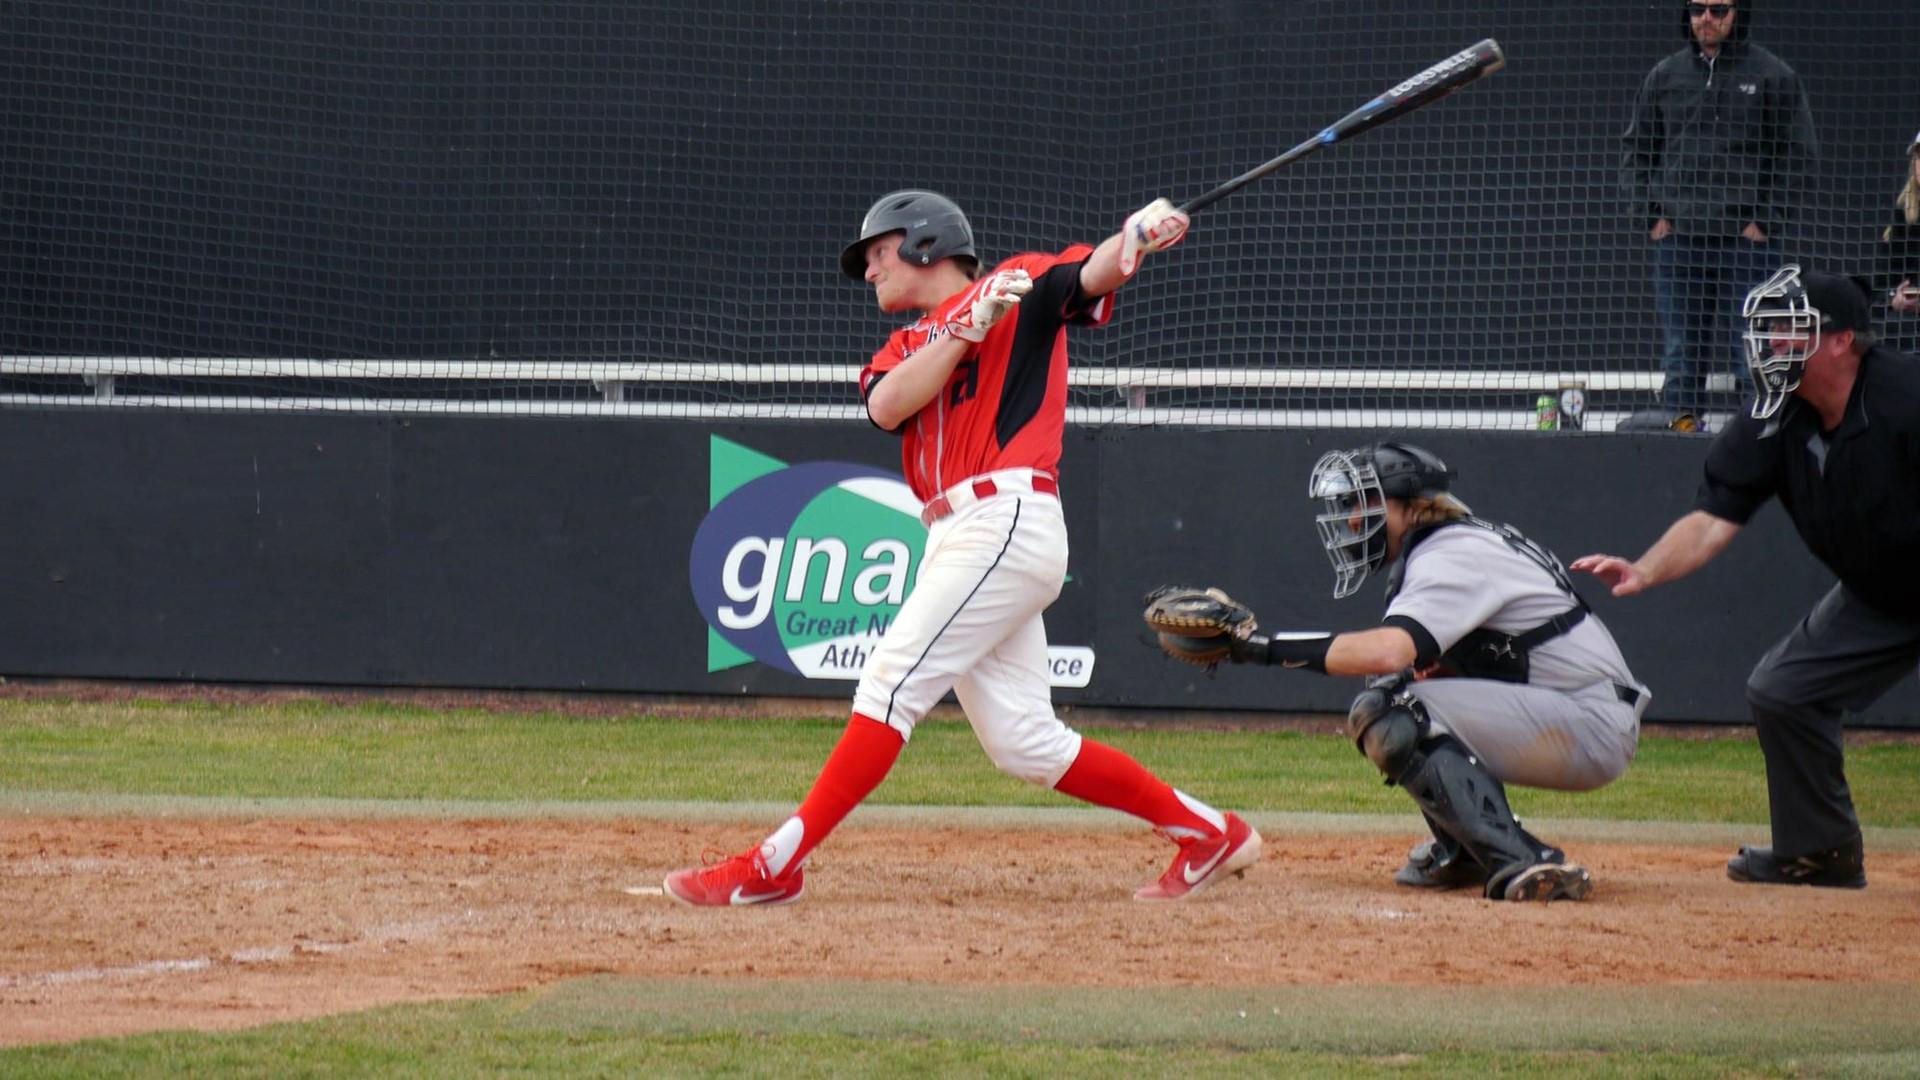 Vauxhall Academy grad Shawn Grandmont (Lethbridge, Alta.) batted .333 with four runs in three games for Northwest Nazarene. Photo: Northwest Nazarene Athletics